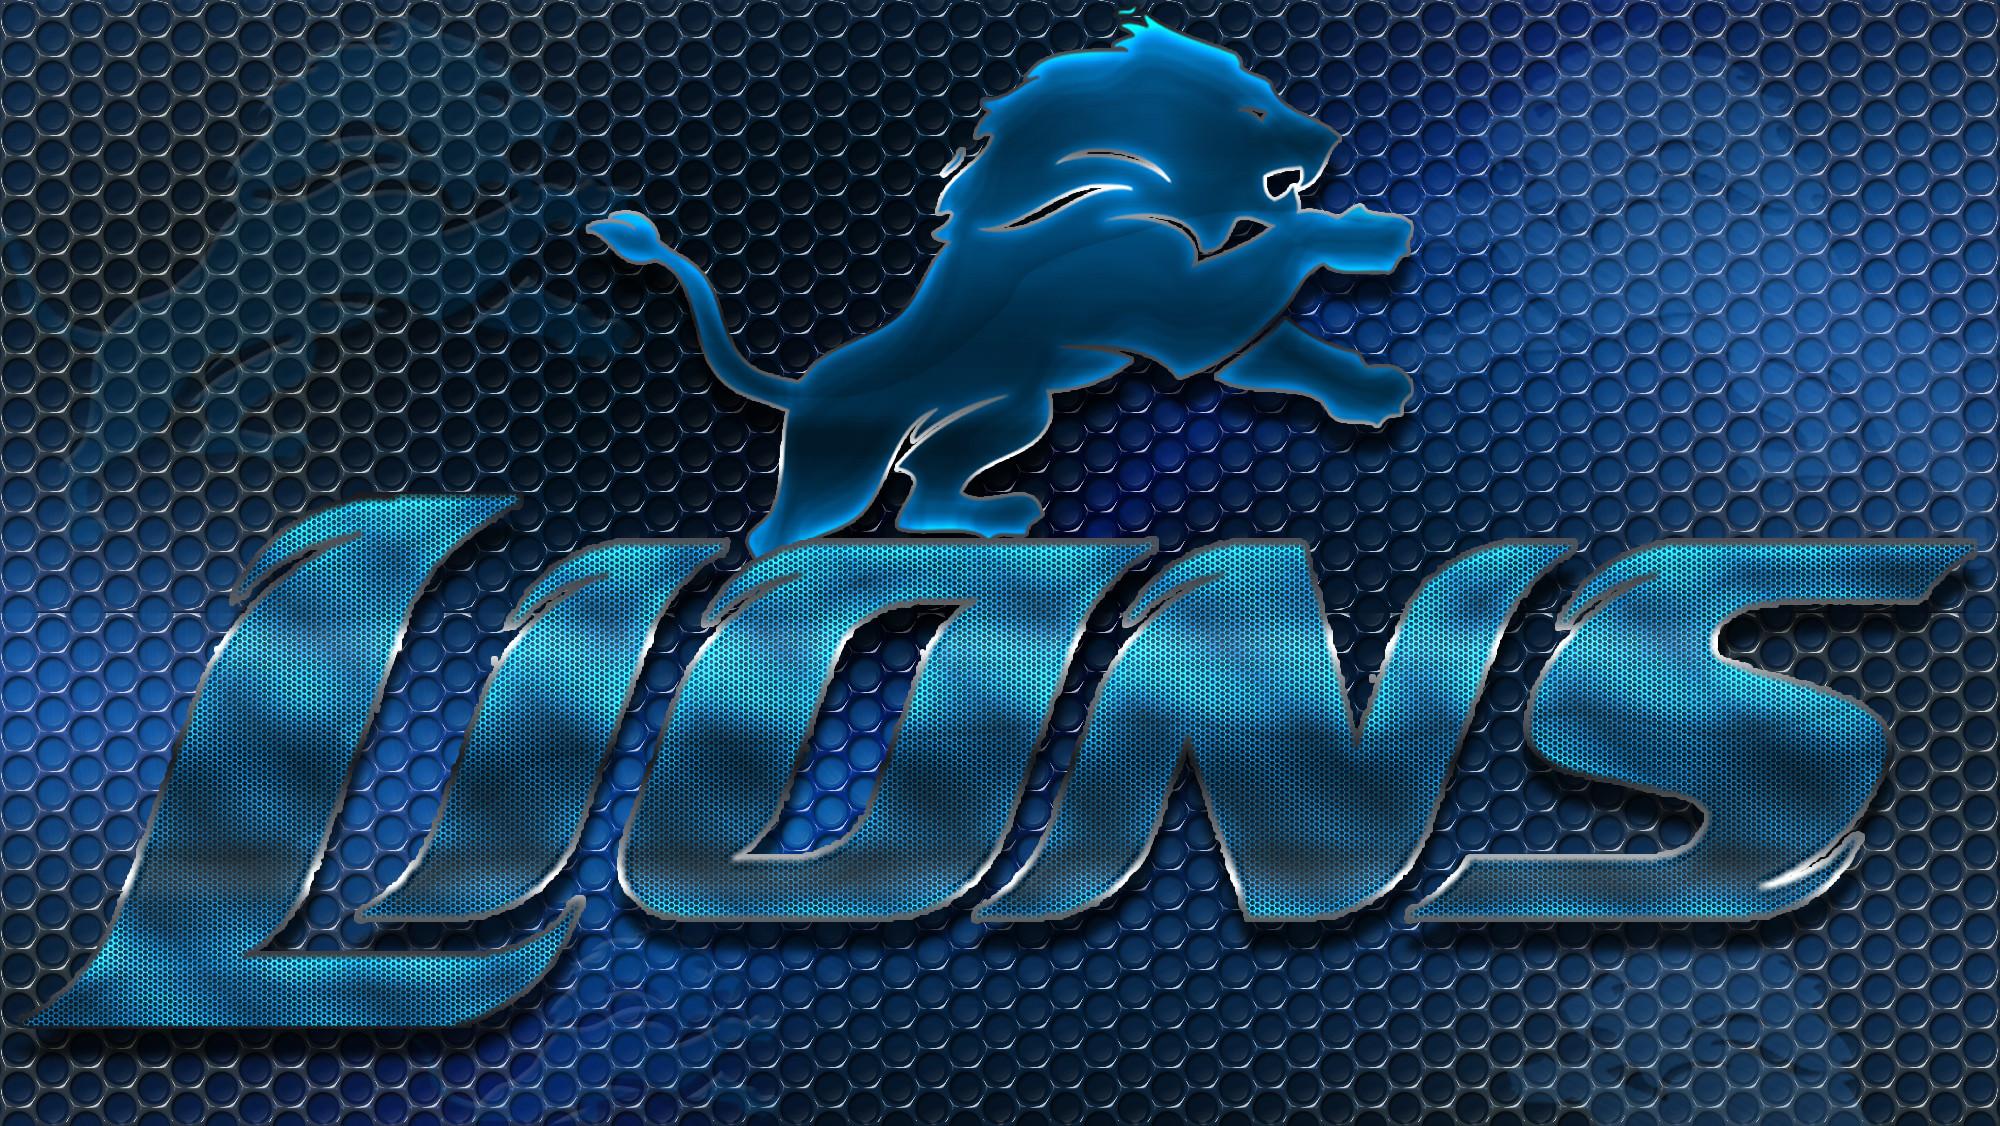 Detroit Lions Images Download Free | HD Wallpapers | Pinterest | Lion  wallpaper and Wallpaper